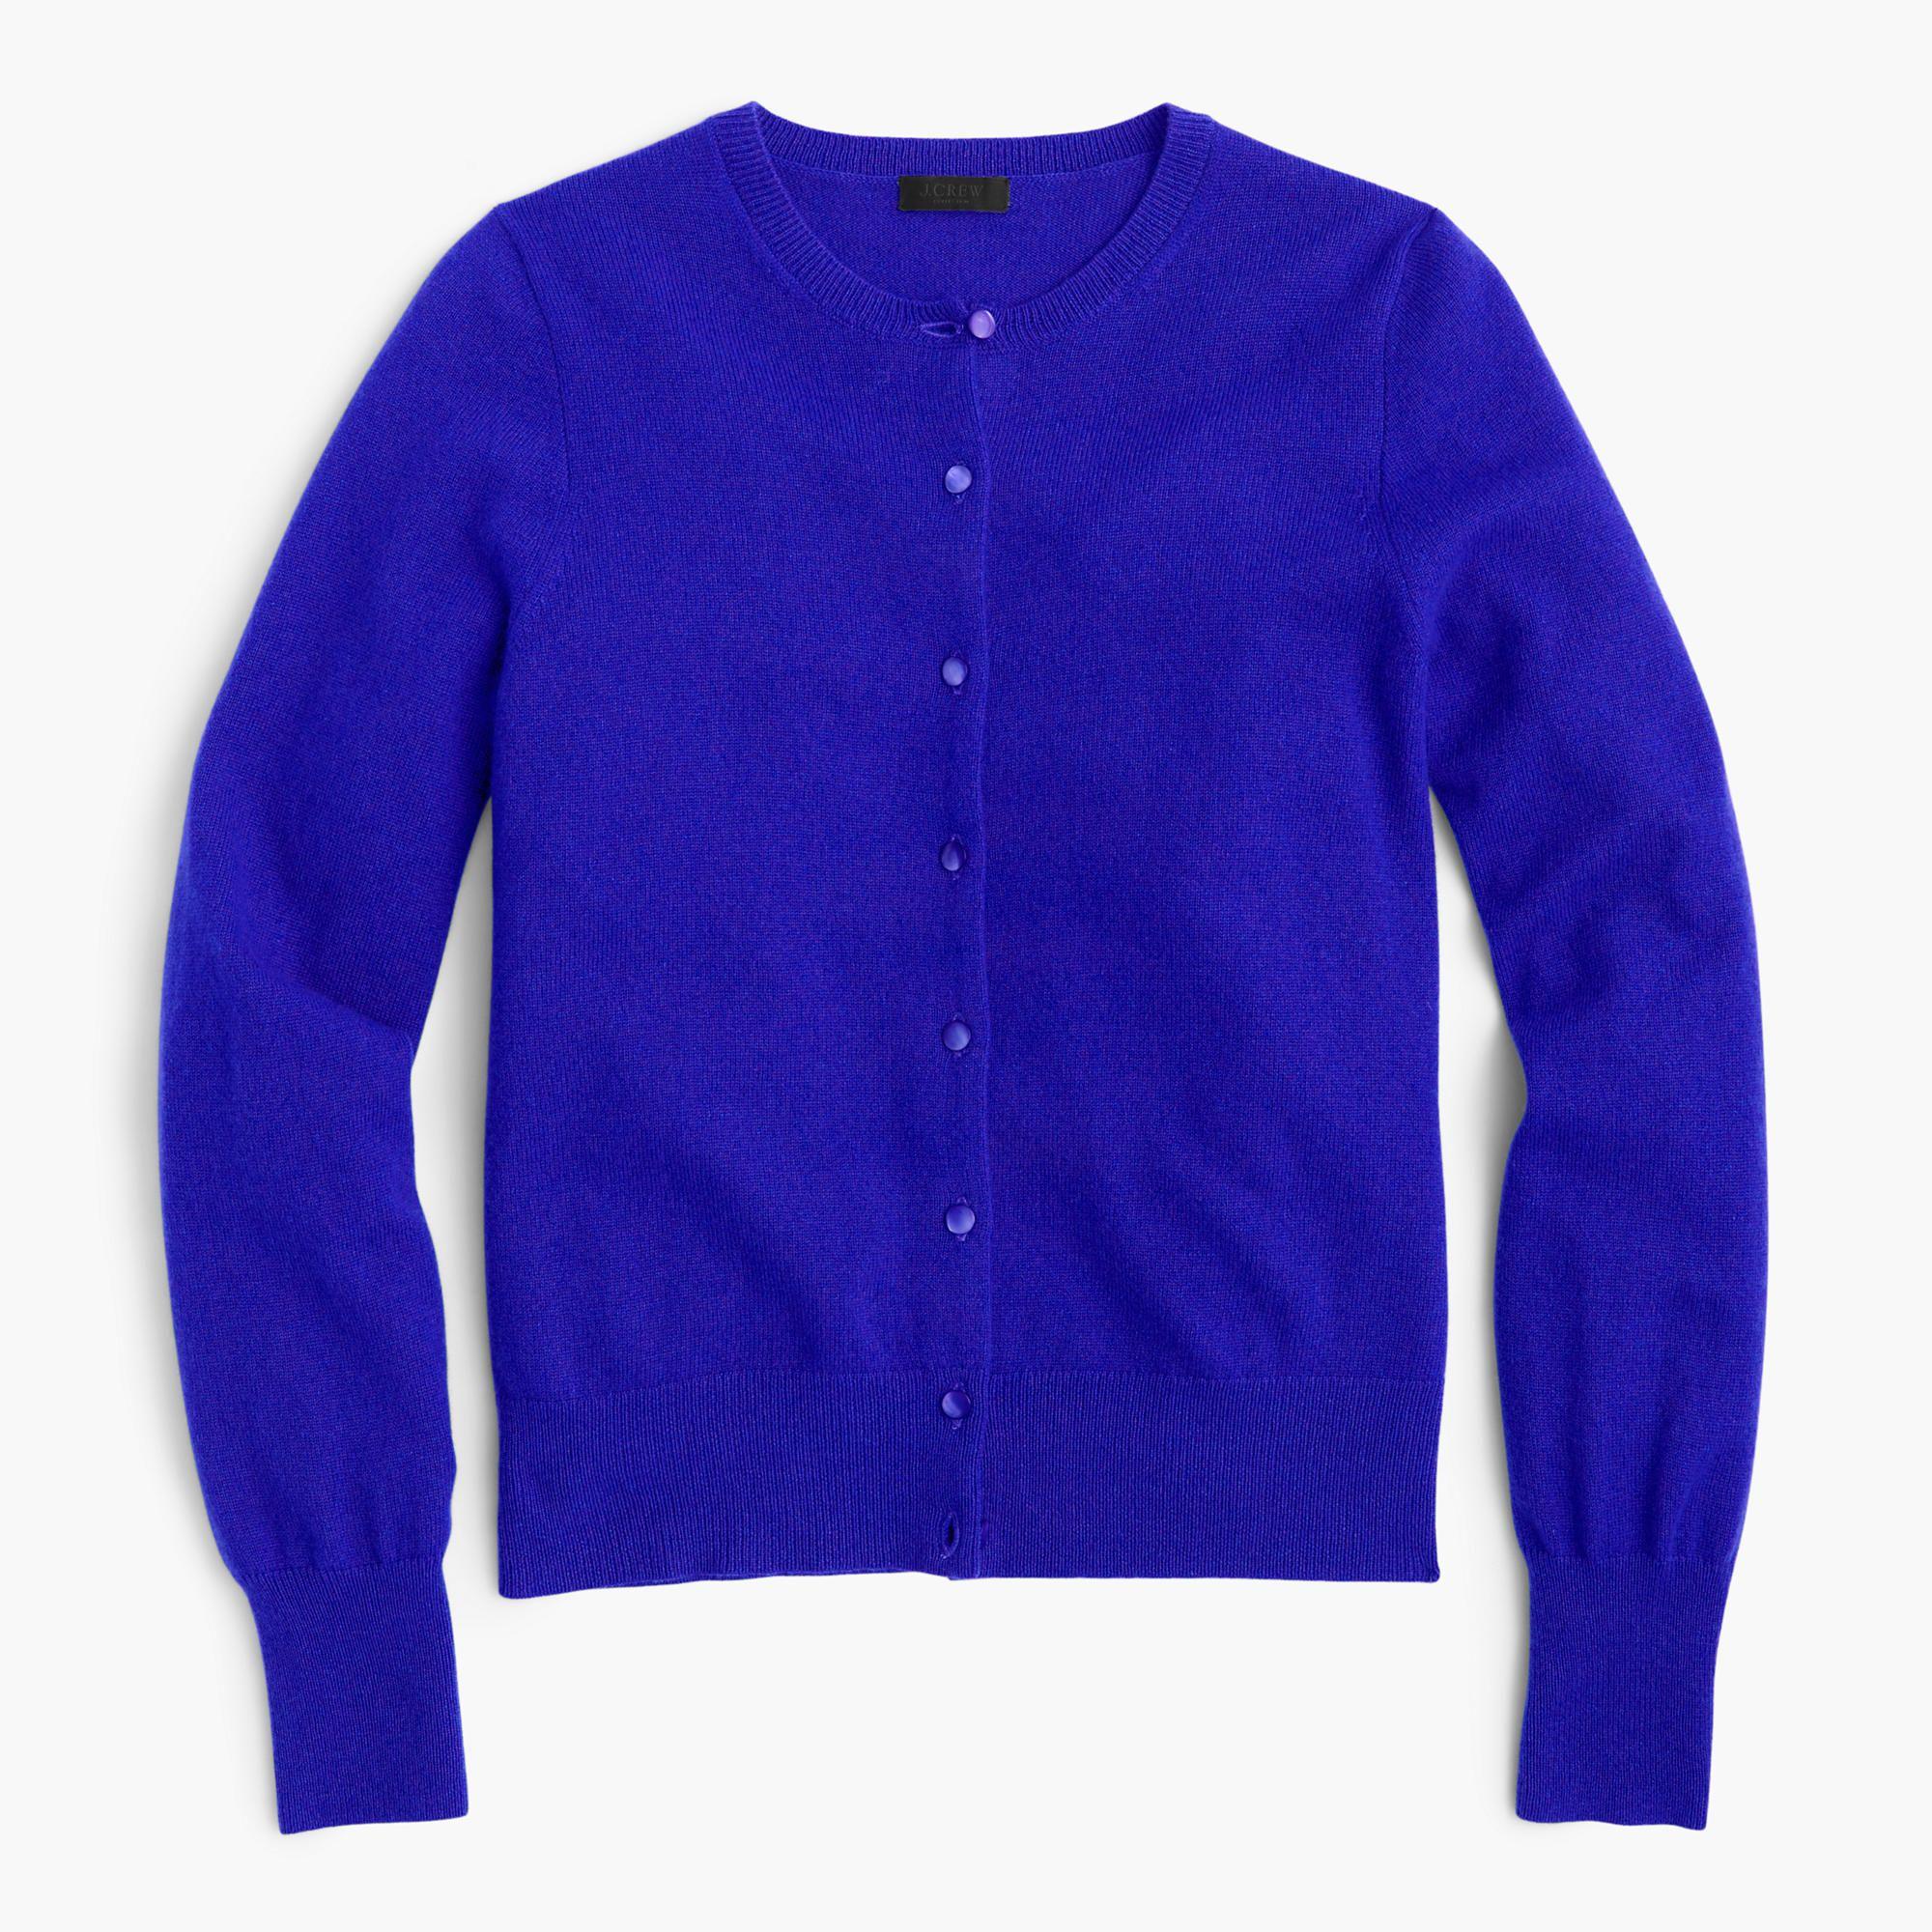 J.Crew Womens Italian Cashmere Cardigan Sweater (Size XXXS) | Cashmere